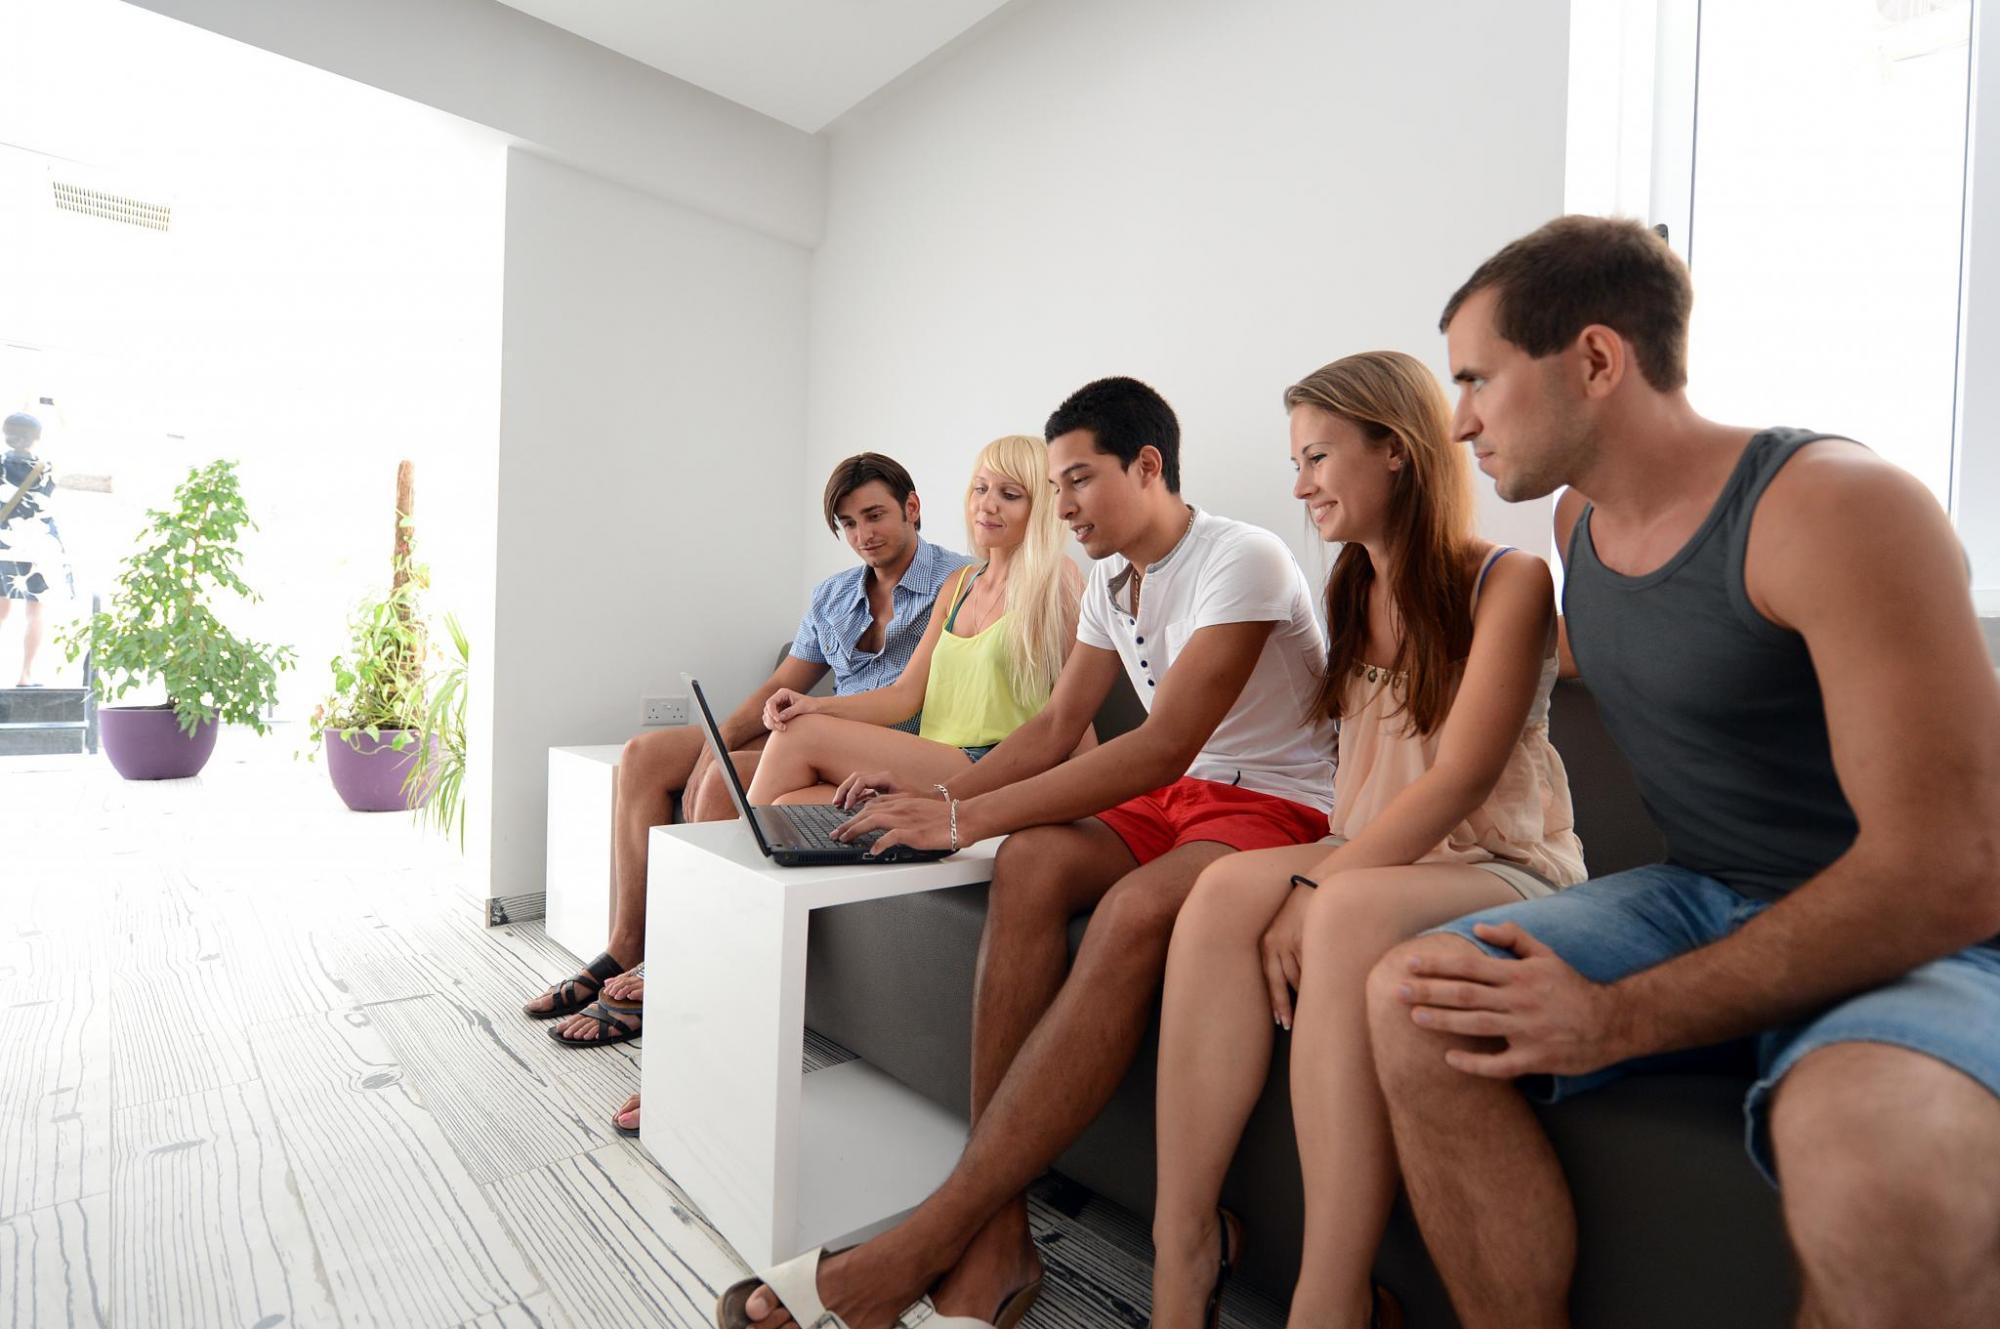 Studenti v rezidenční hale